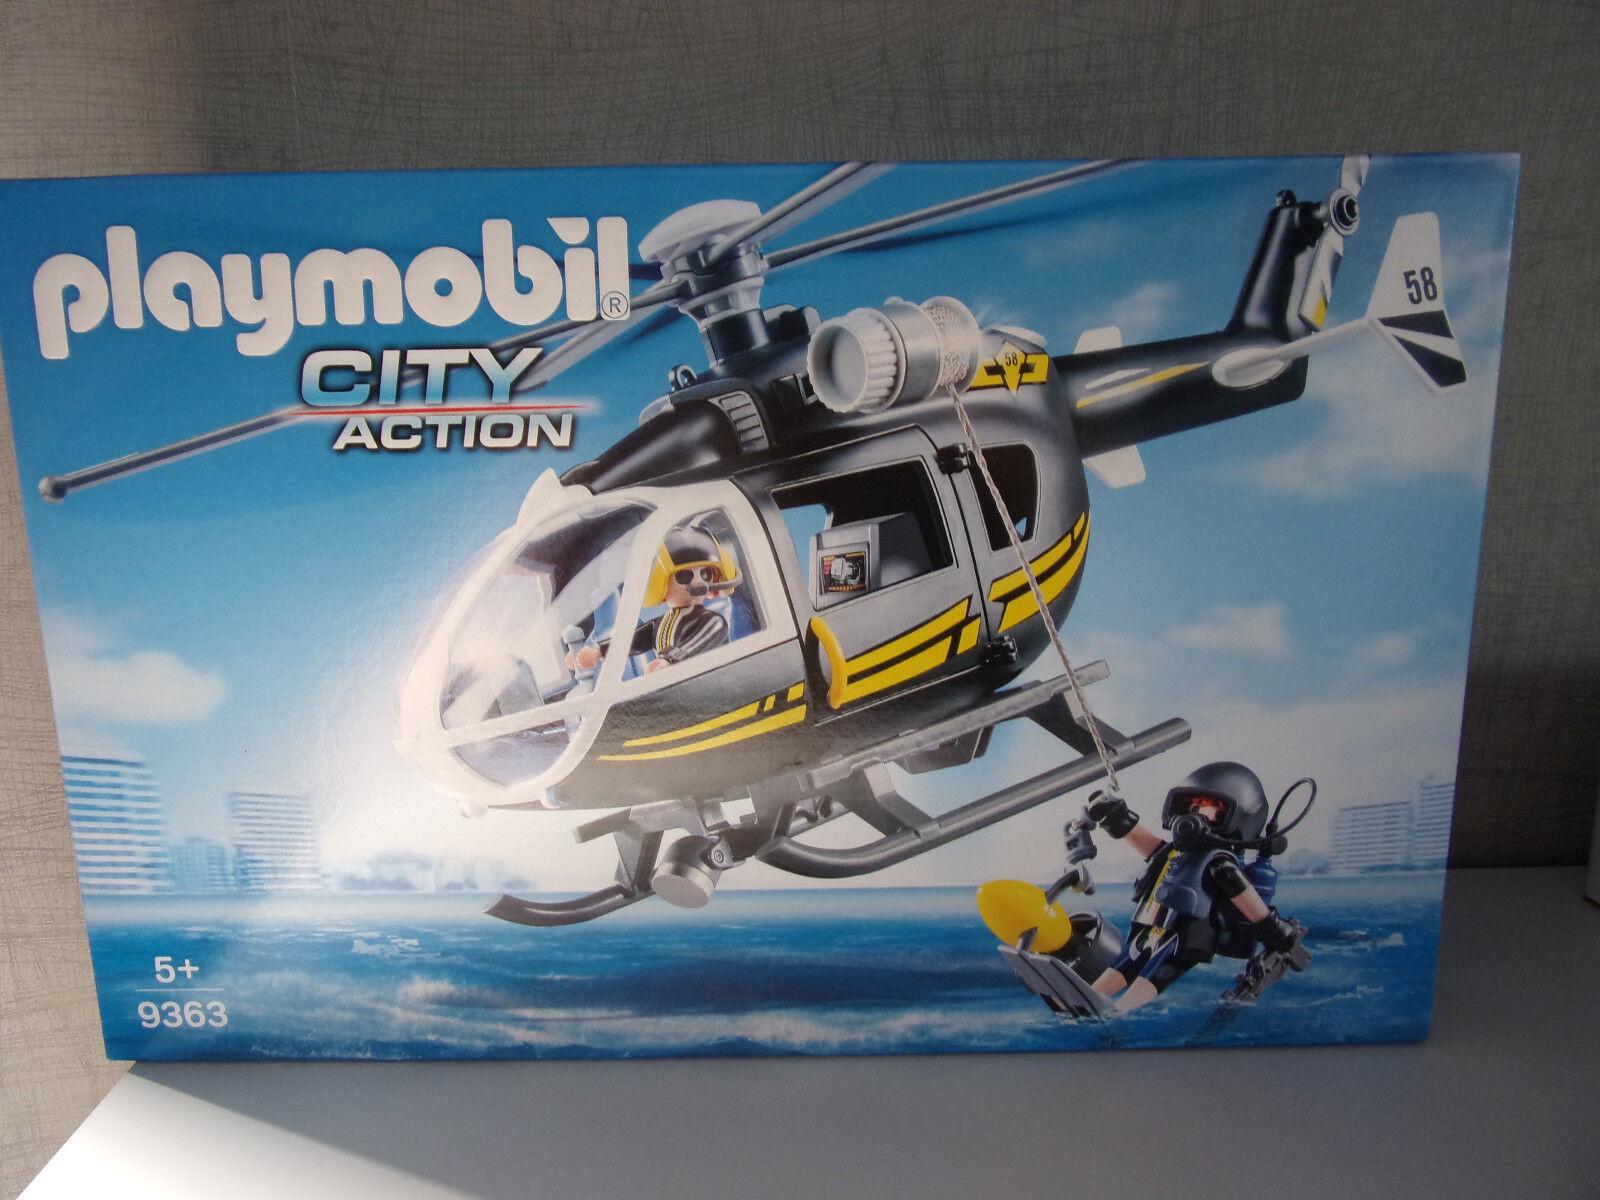 Playmobil City Action 9363 Sek Hélicoptère - Neuf et Emballage D'Origine